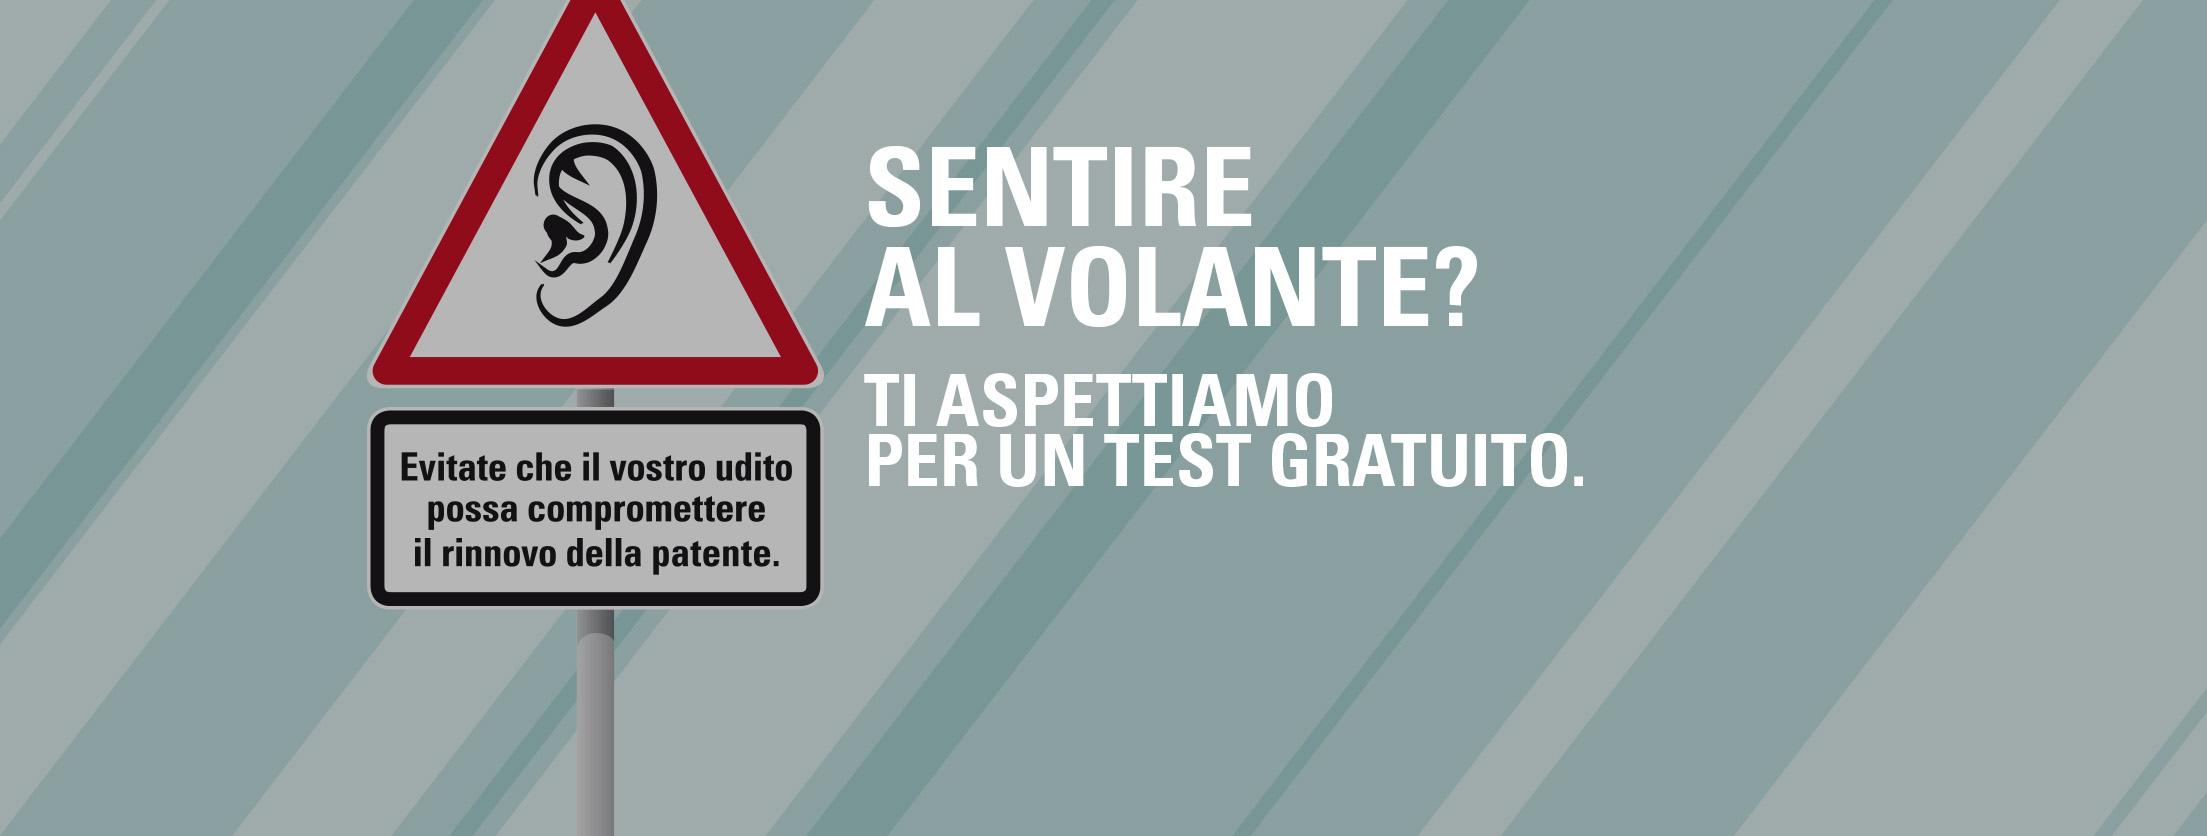 Apparecchi_Acustici_Rinnovo_Patenti_1B_UDF